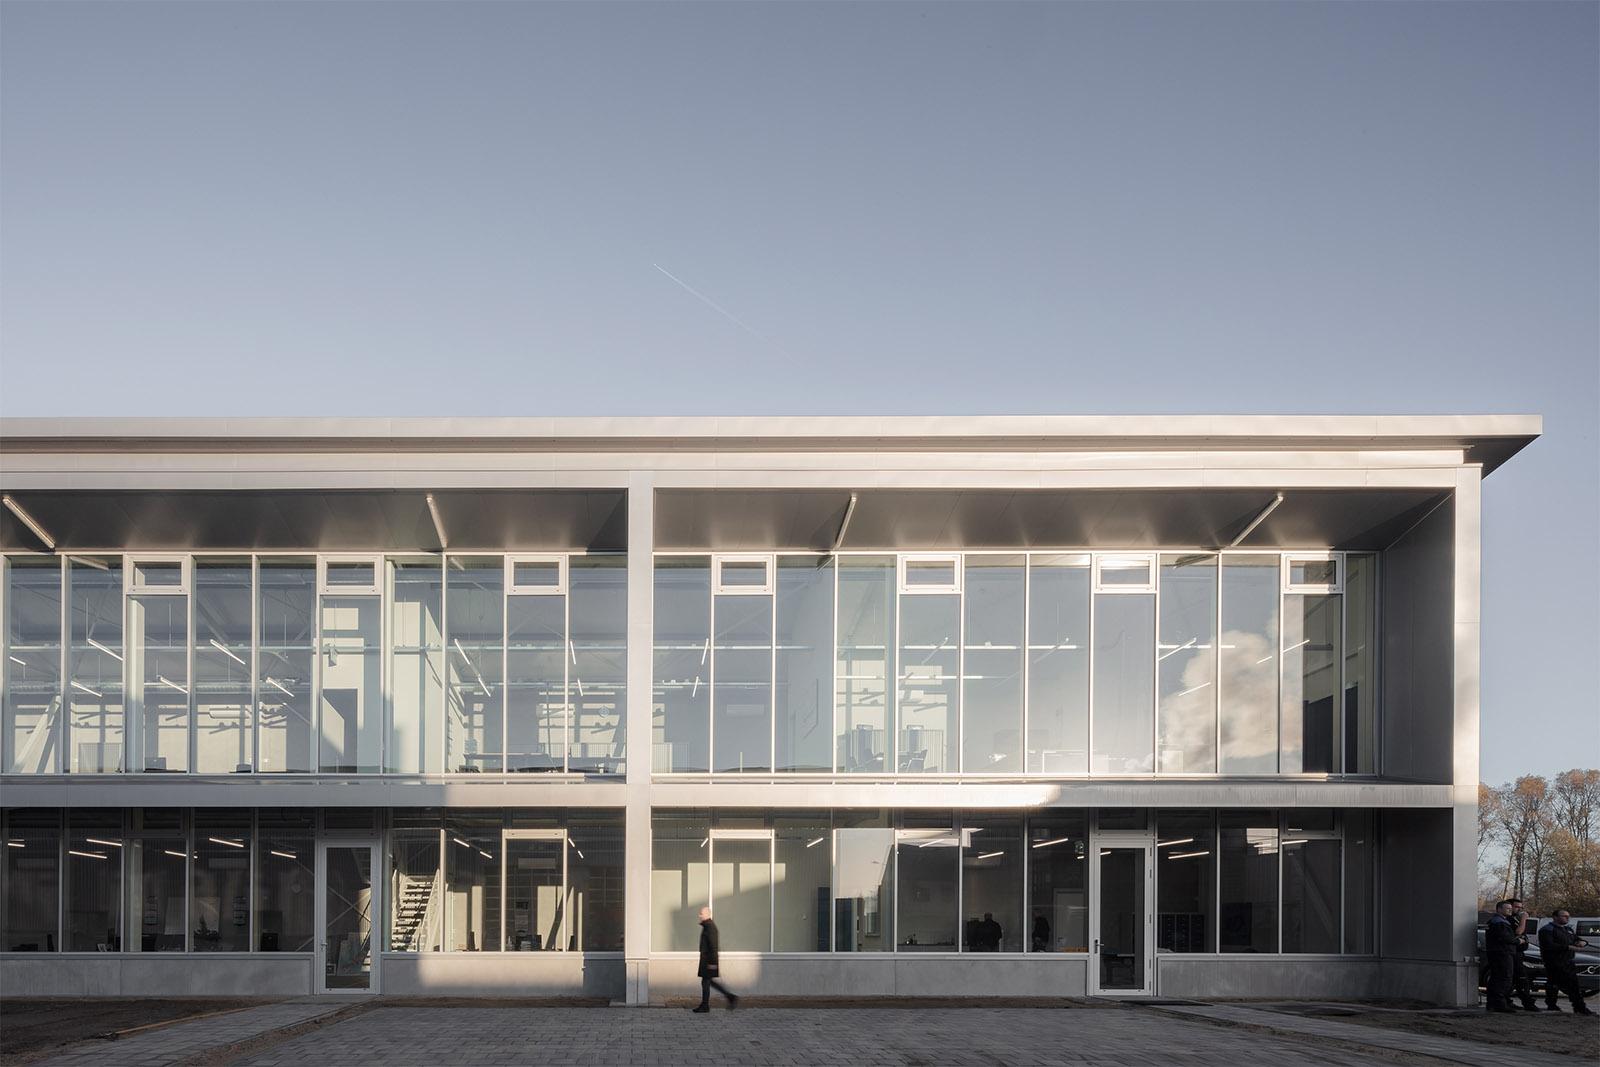 Stem op Gebouw AR voor de Heuvelink Architectuurprijs 2020